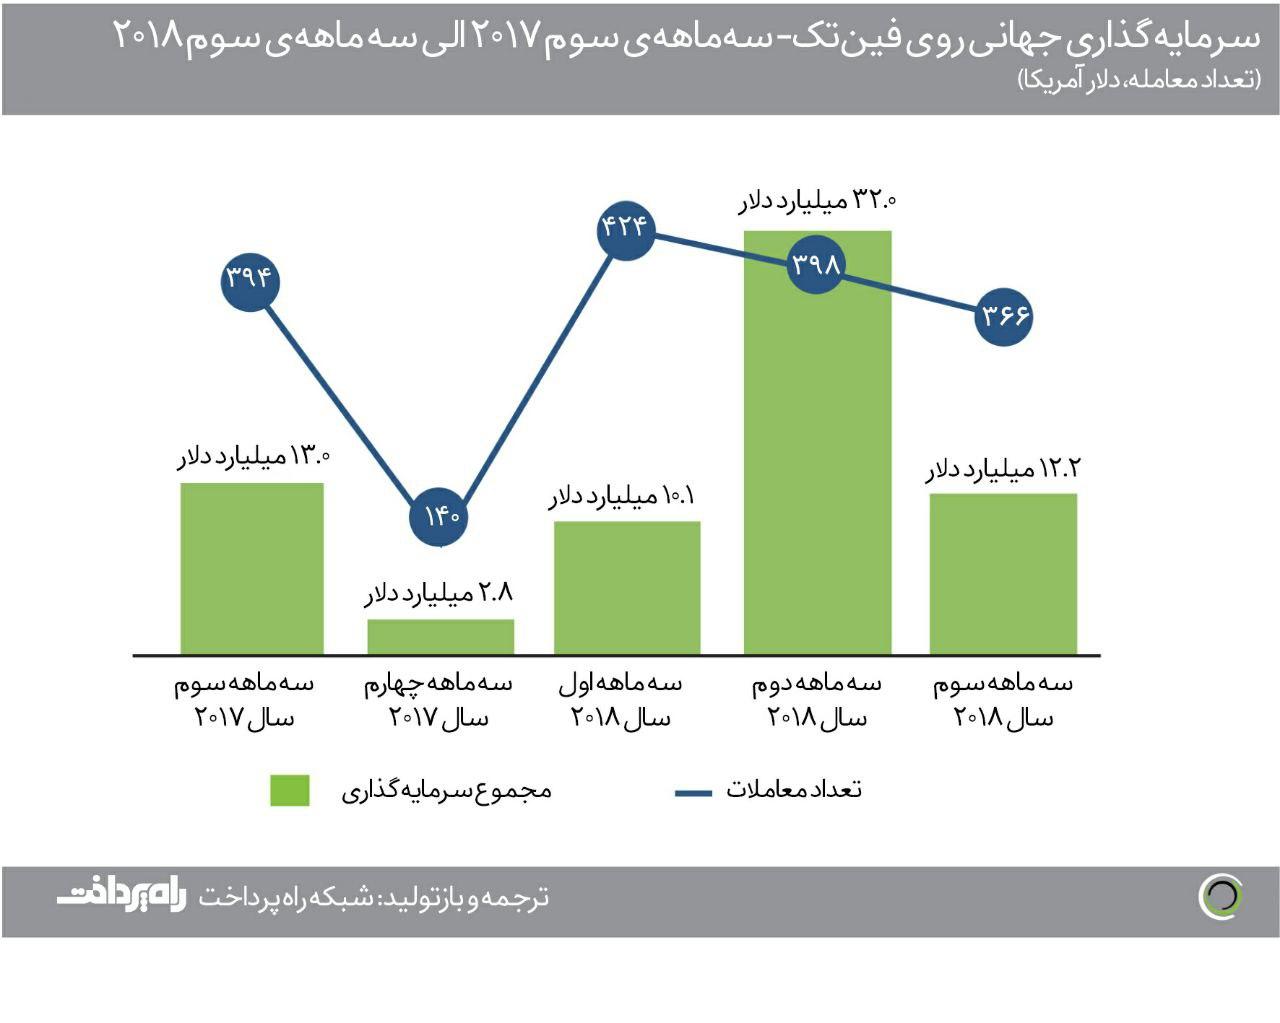 پایگاه خبری آرمان اقتصادی Fintech-Investment-index-03-way2pay-97-08-14 سرمایهگذاریهای جهانی حوزهی فینتک هماکنون به بالاترین میزان رشد خود از سال ۲۰۱۴ رسیده است